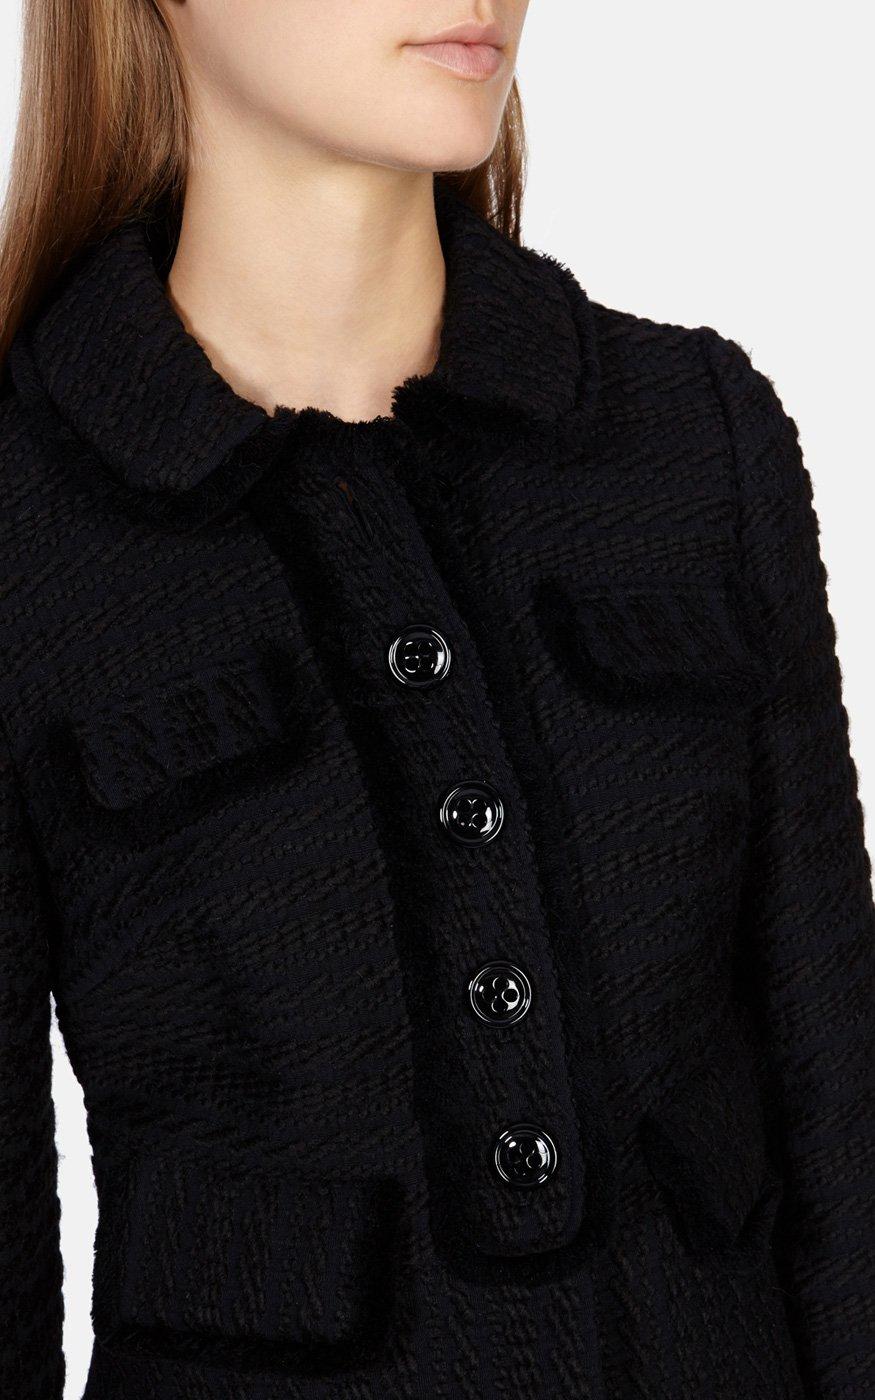 80e830cc8e9da Lyst - Karen Millen Fringed Tweed Jacket in Black